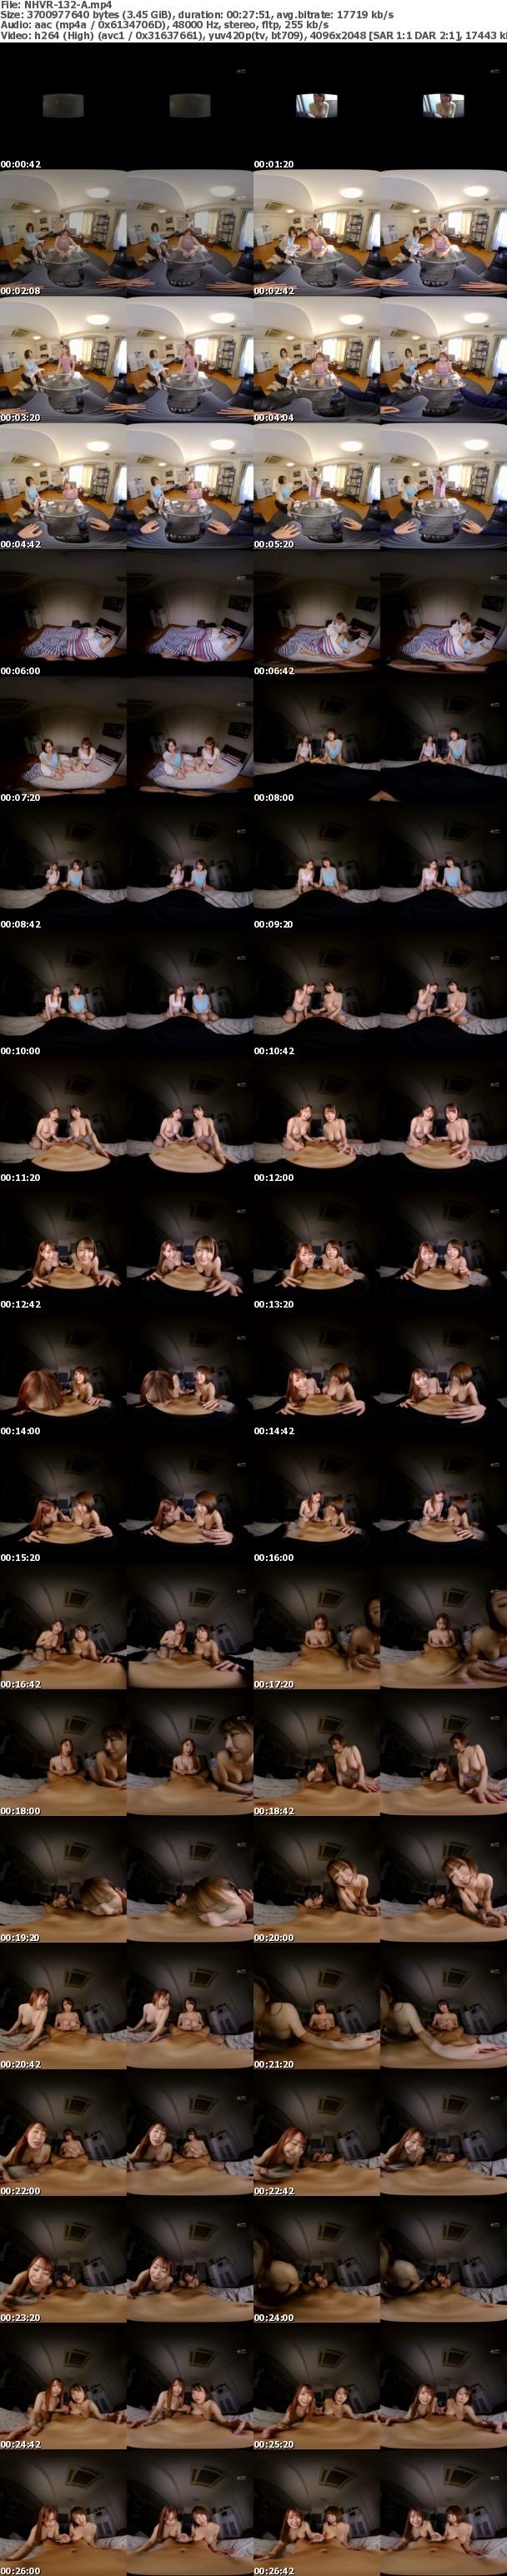 (VR) NHVR-132 「一週間だけ泊めてください!」家を追い出された巨乳W痴女の密着乳首舐めでイカされまくった緊急同居生活